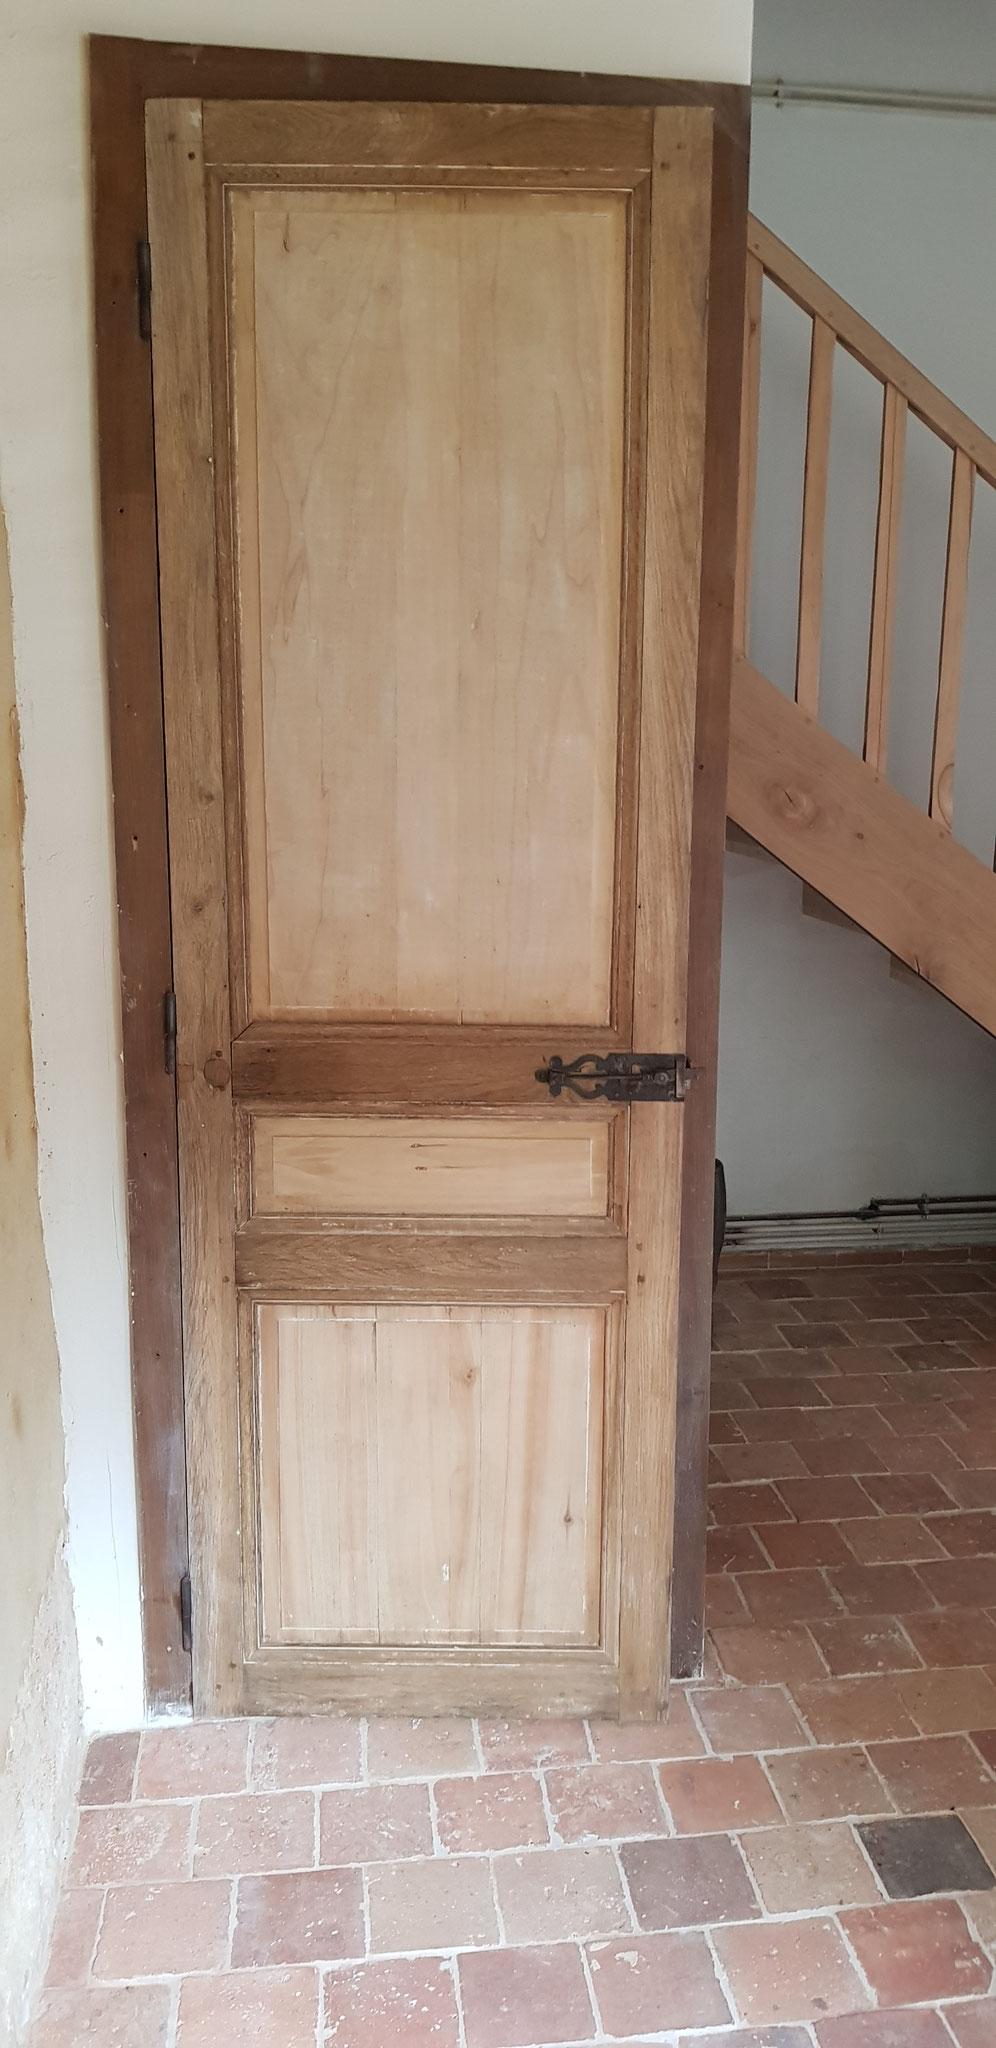 Création wc sous l'escalier, pose de vieilles portes anciennes de récupération